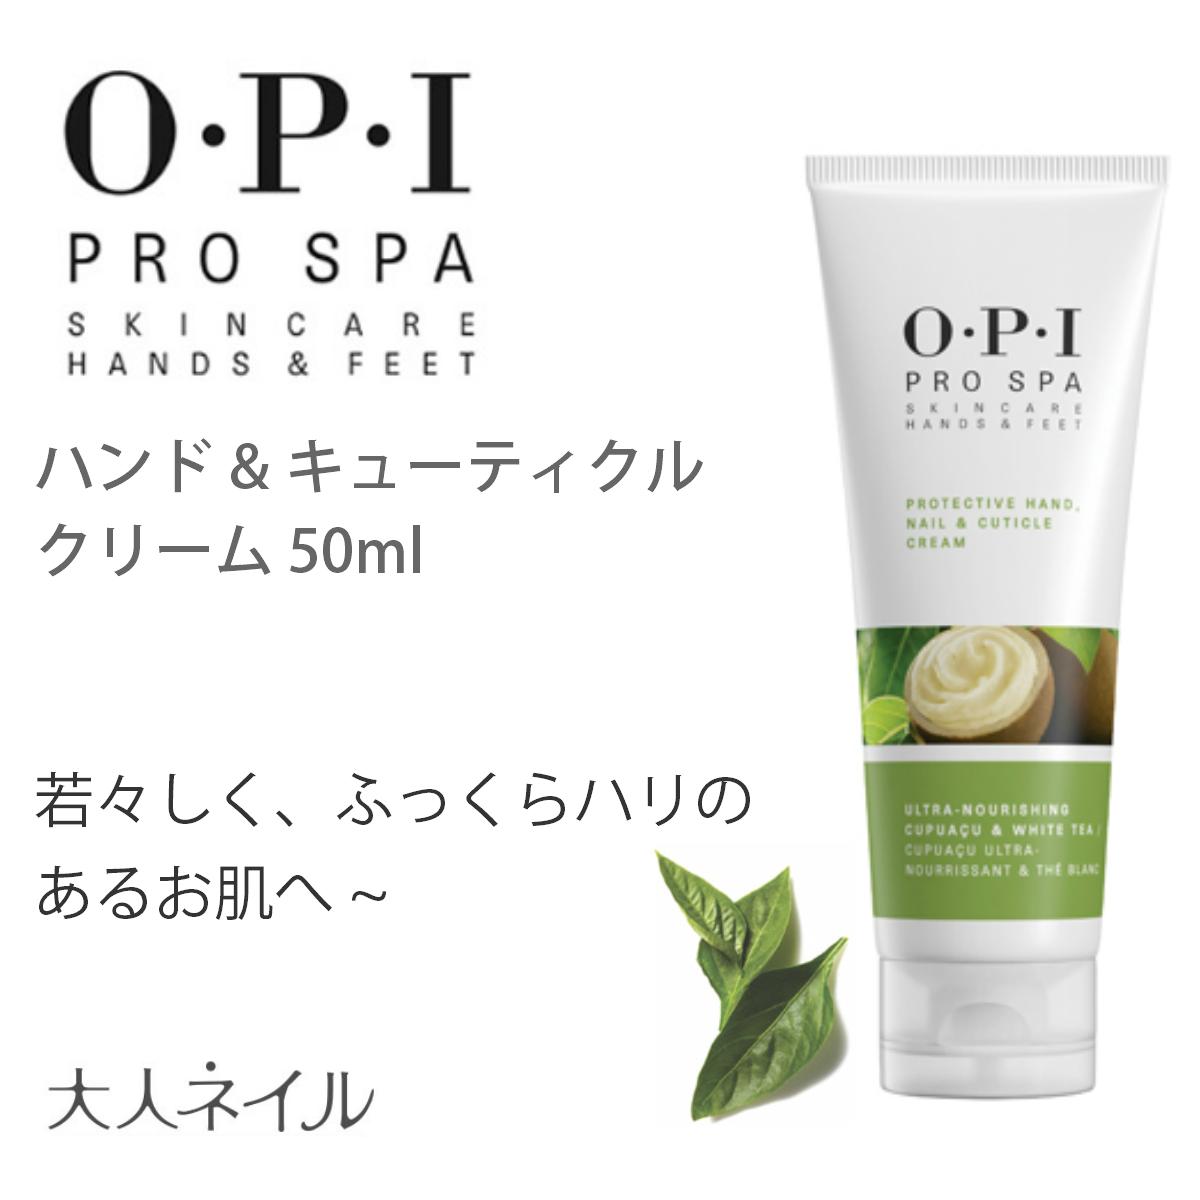 OPI プロスパ プロテクティブ ハンドネイル&キューティクルクリーム 50ml ハンドクリーム しっとり なめらか 保湿 乾燥対策 潤い